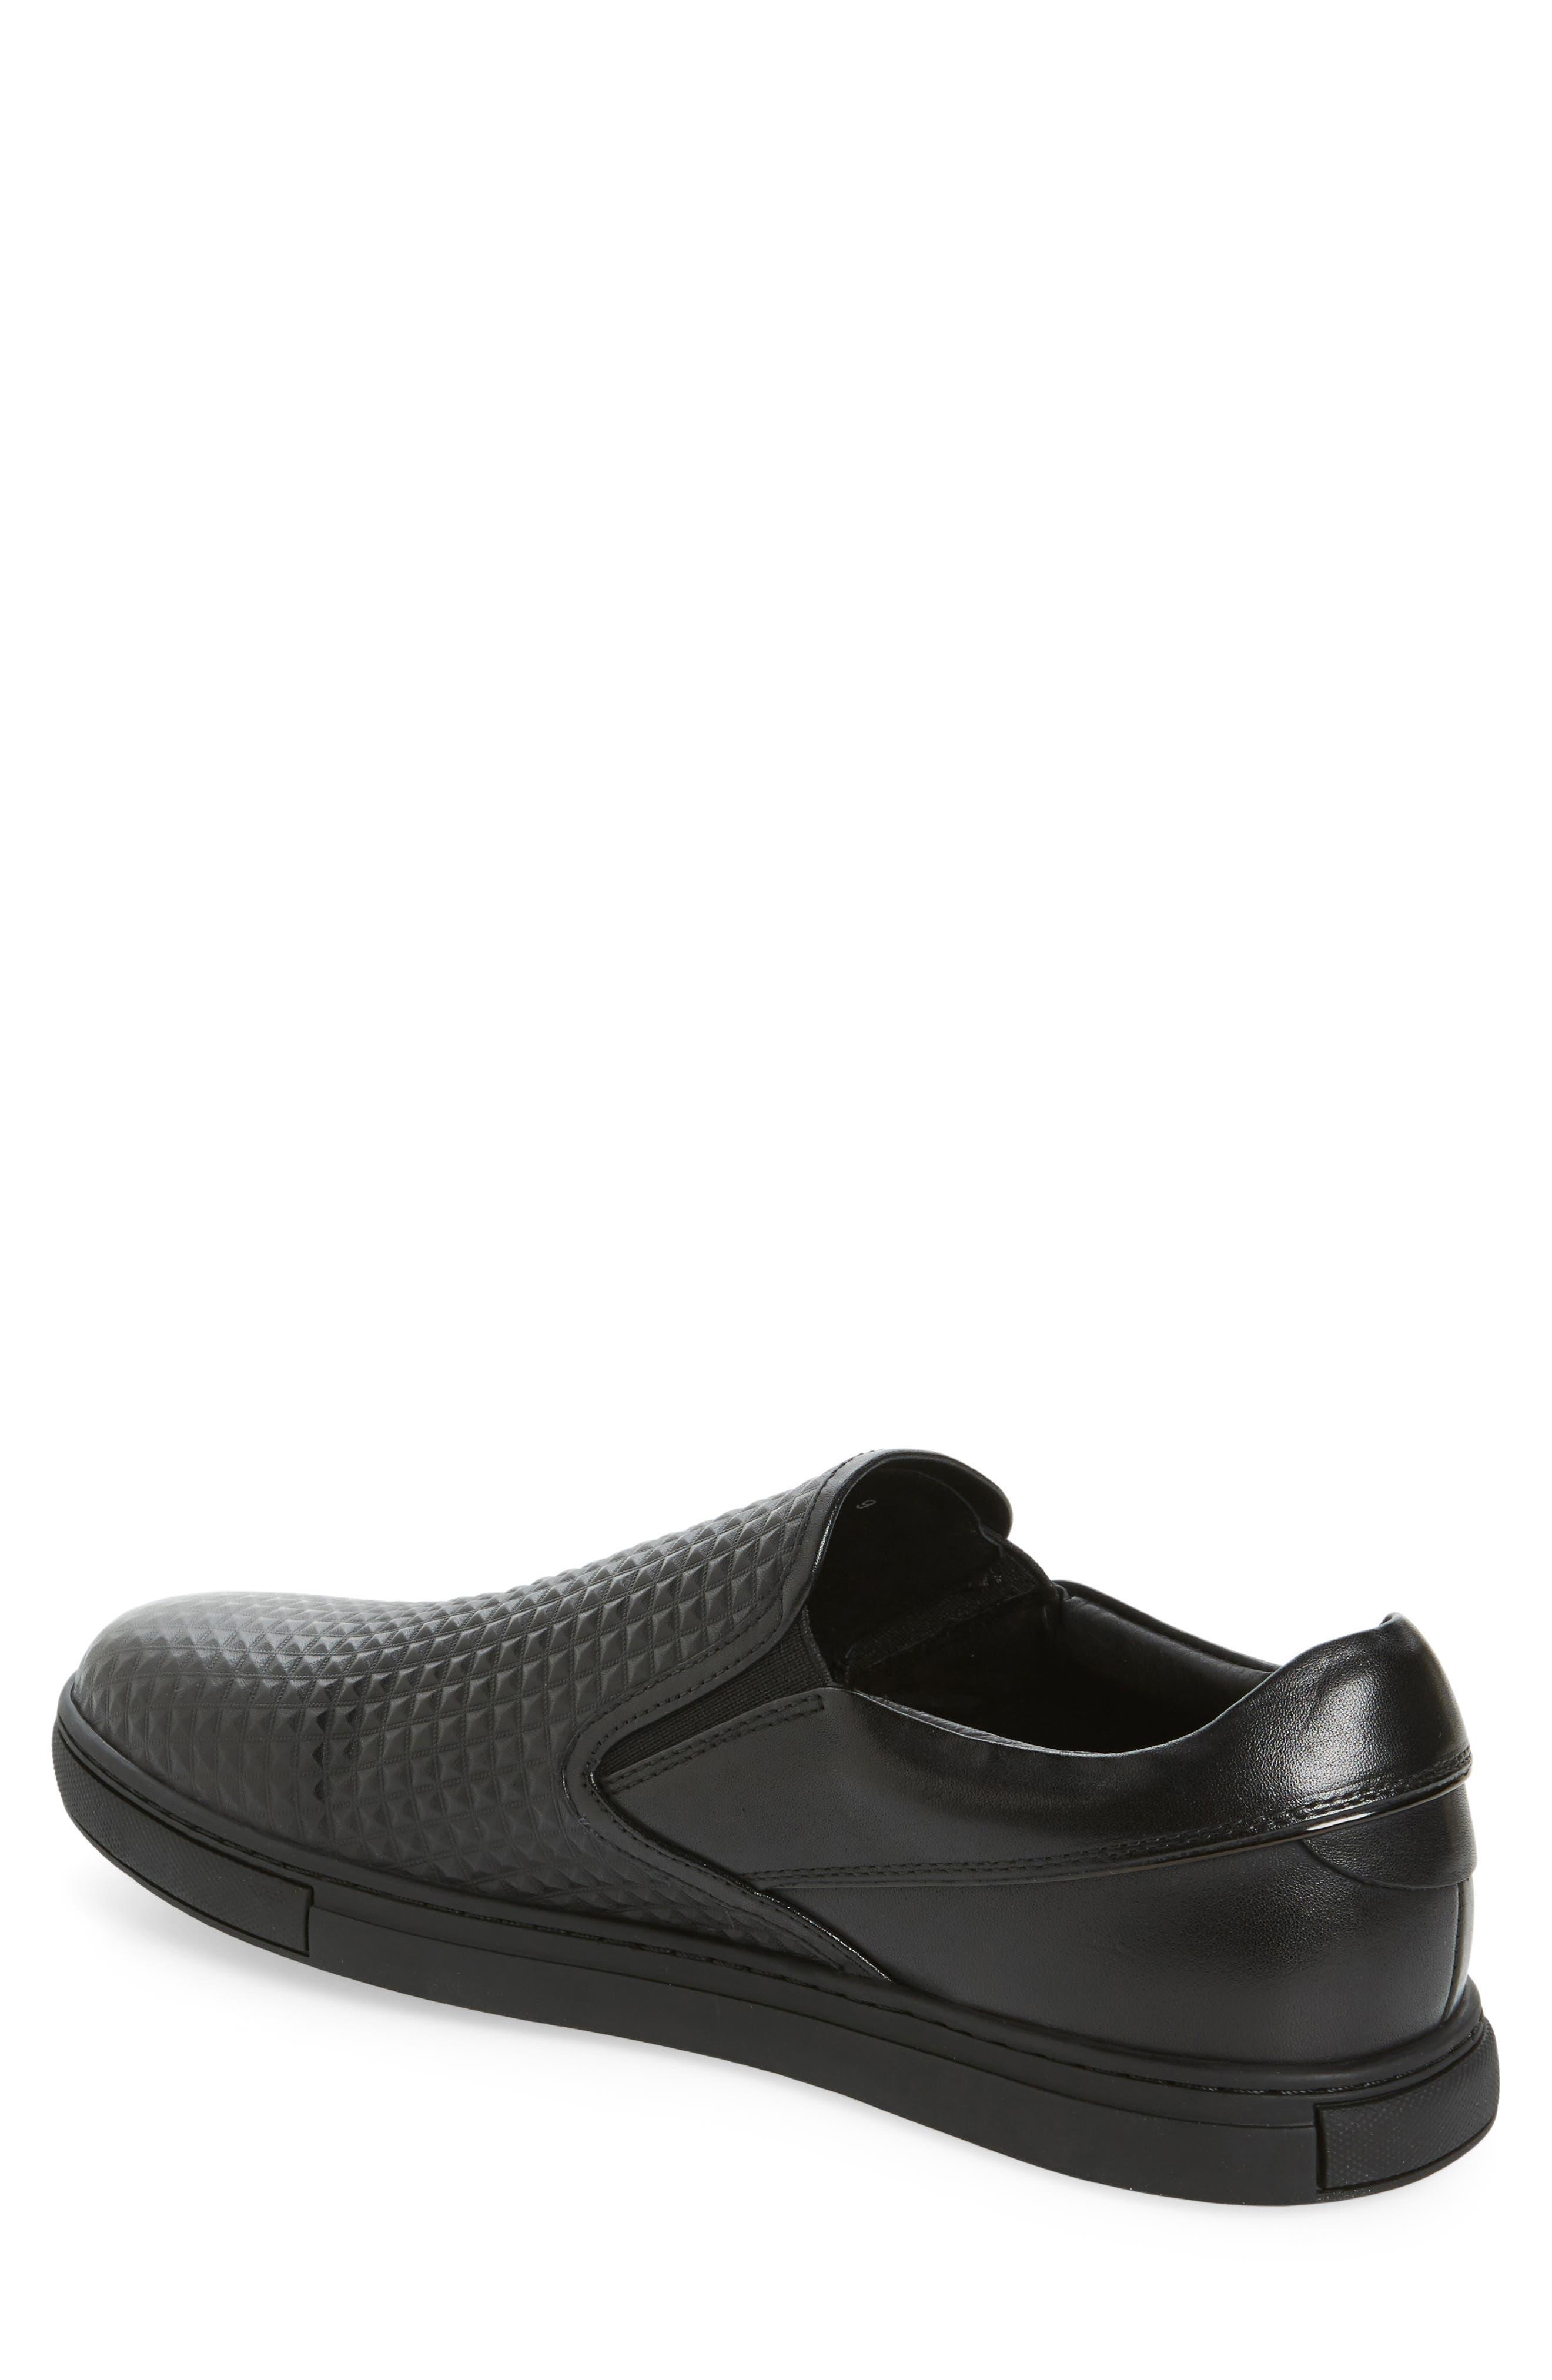 Manet Slip-On Sneaker,                             Alternate thumbnail 2, color,                             001